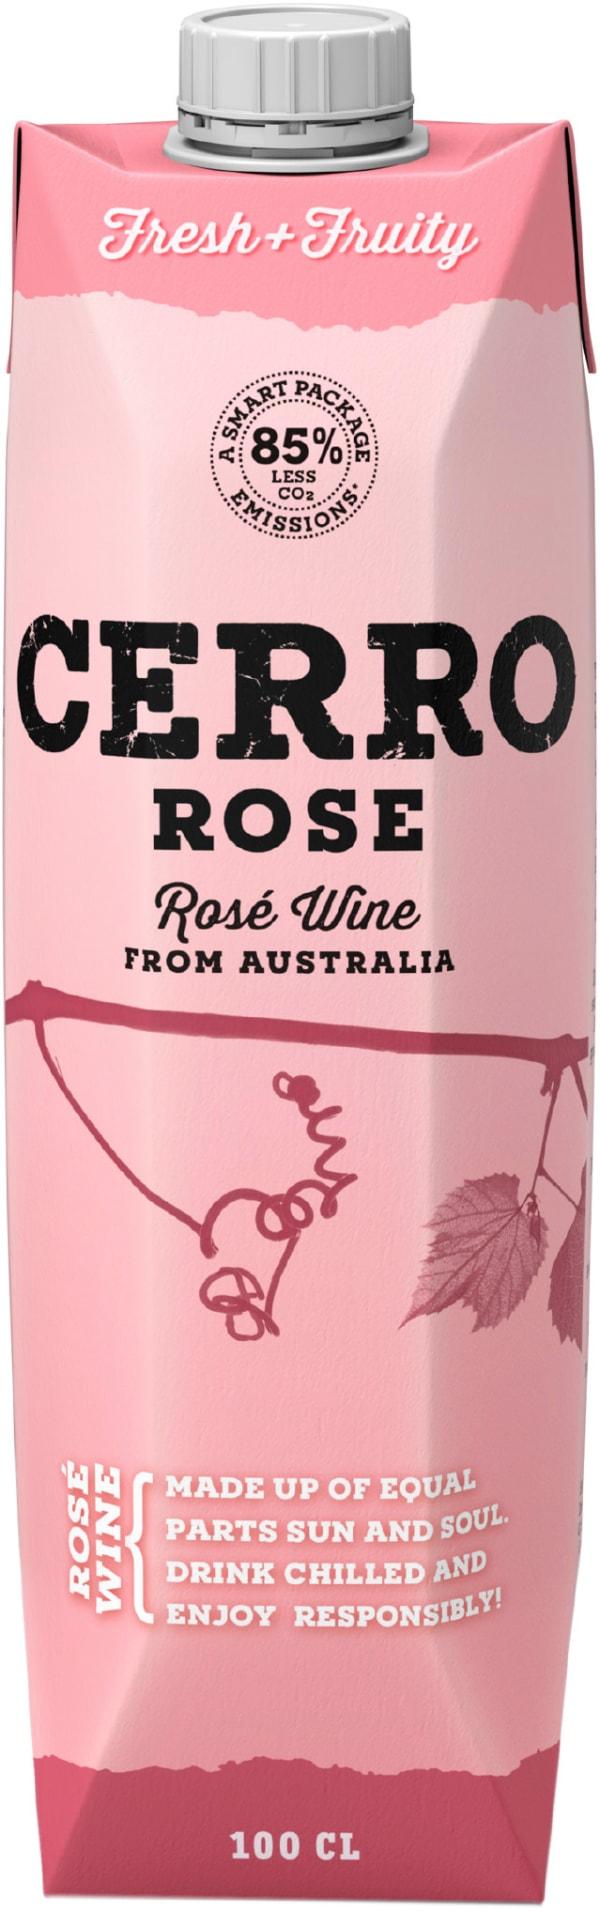 Cerro Rosé carton package